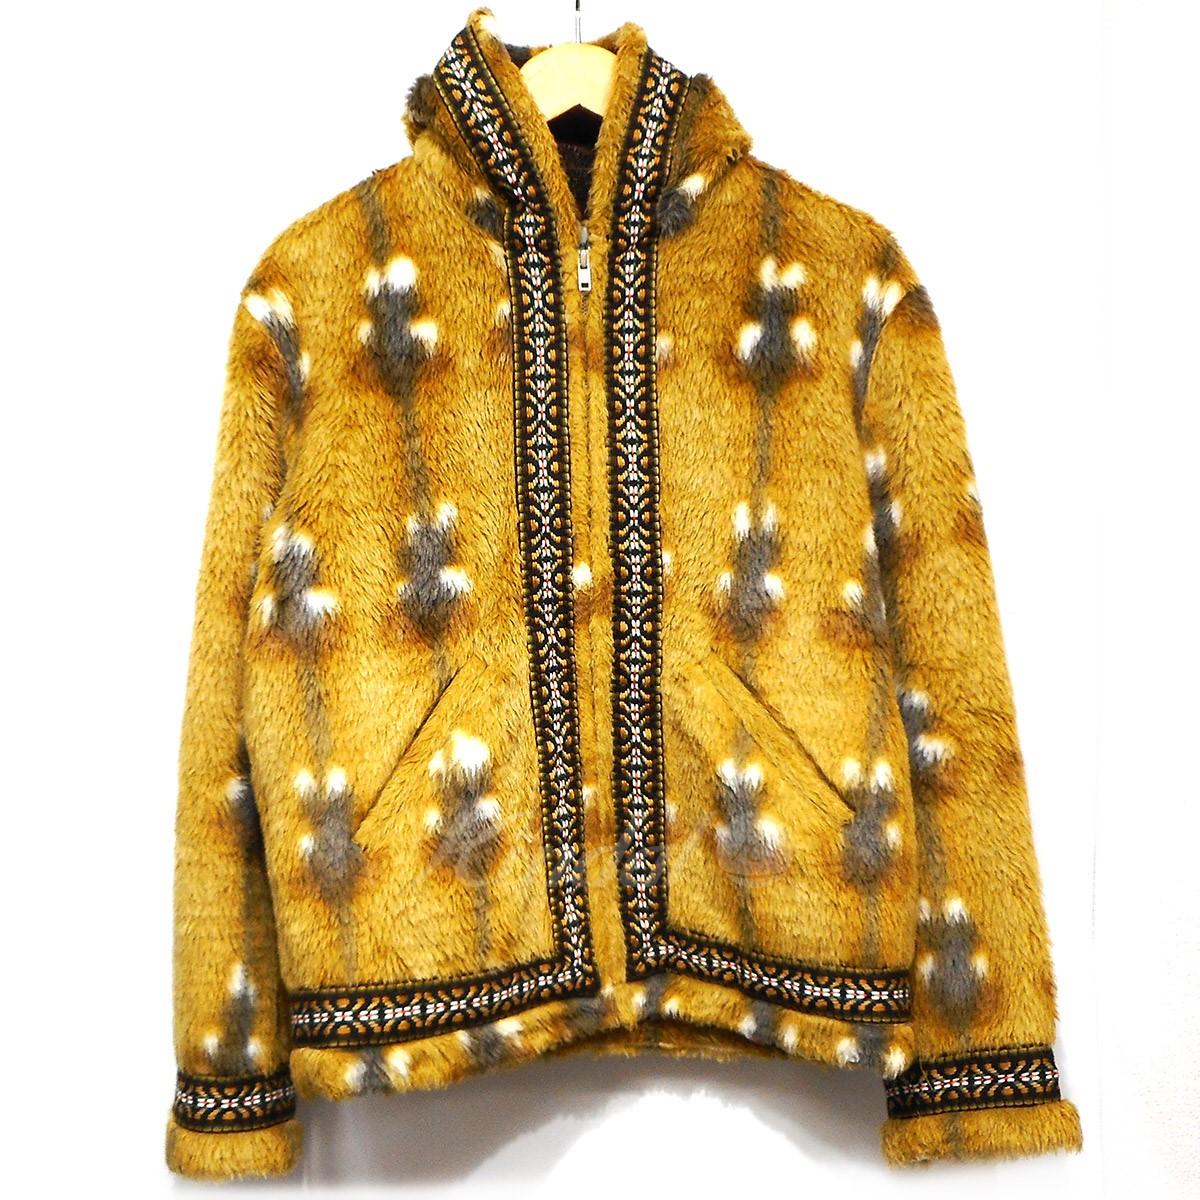 【中古】TENDERLOIN 13AW T-HUSKY JKT F ハスキージャケット 【送料無料】 【007766】 【KIND1551】